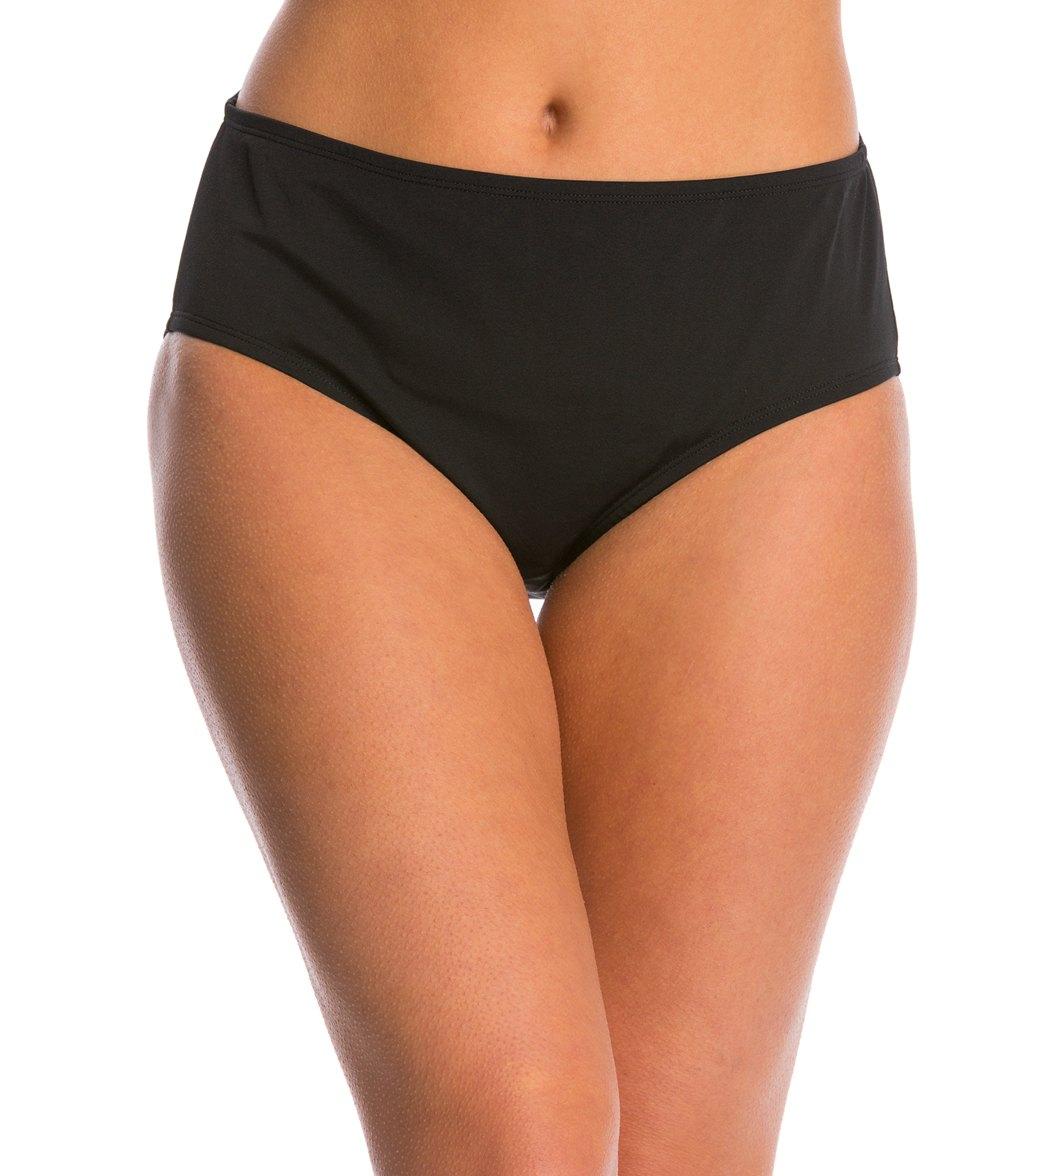 d0659f08dfc1b Adidas Women s High Waist Swimsuit Bottom at SwimOutlet.com - Free Shipping